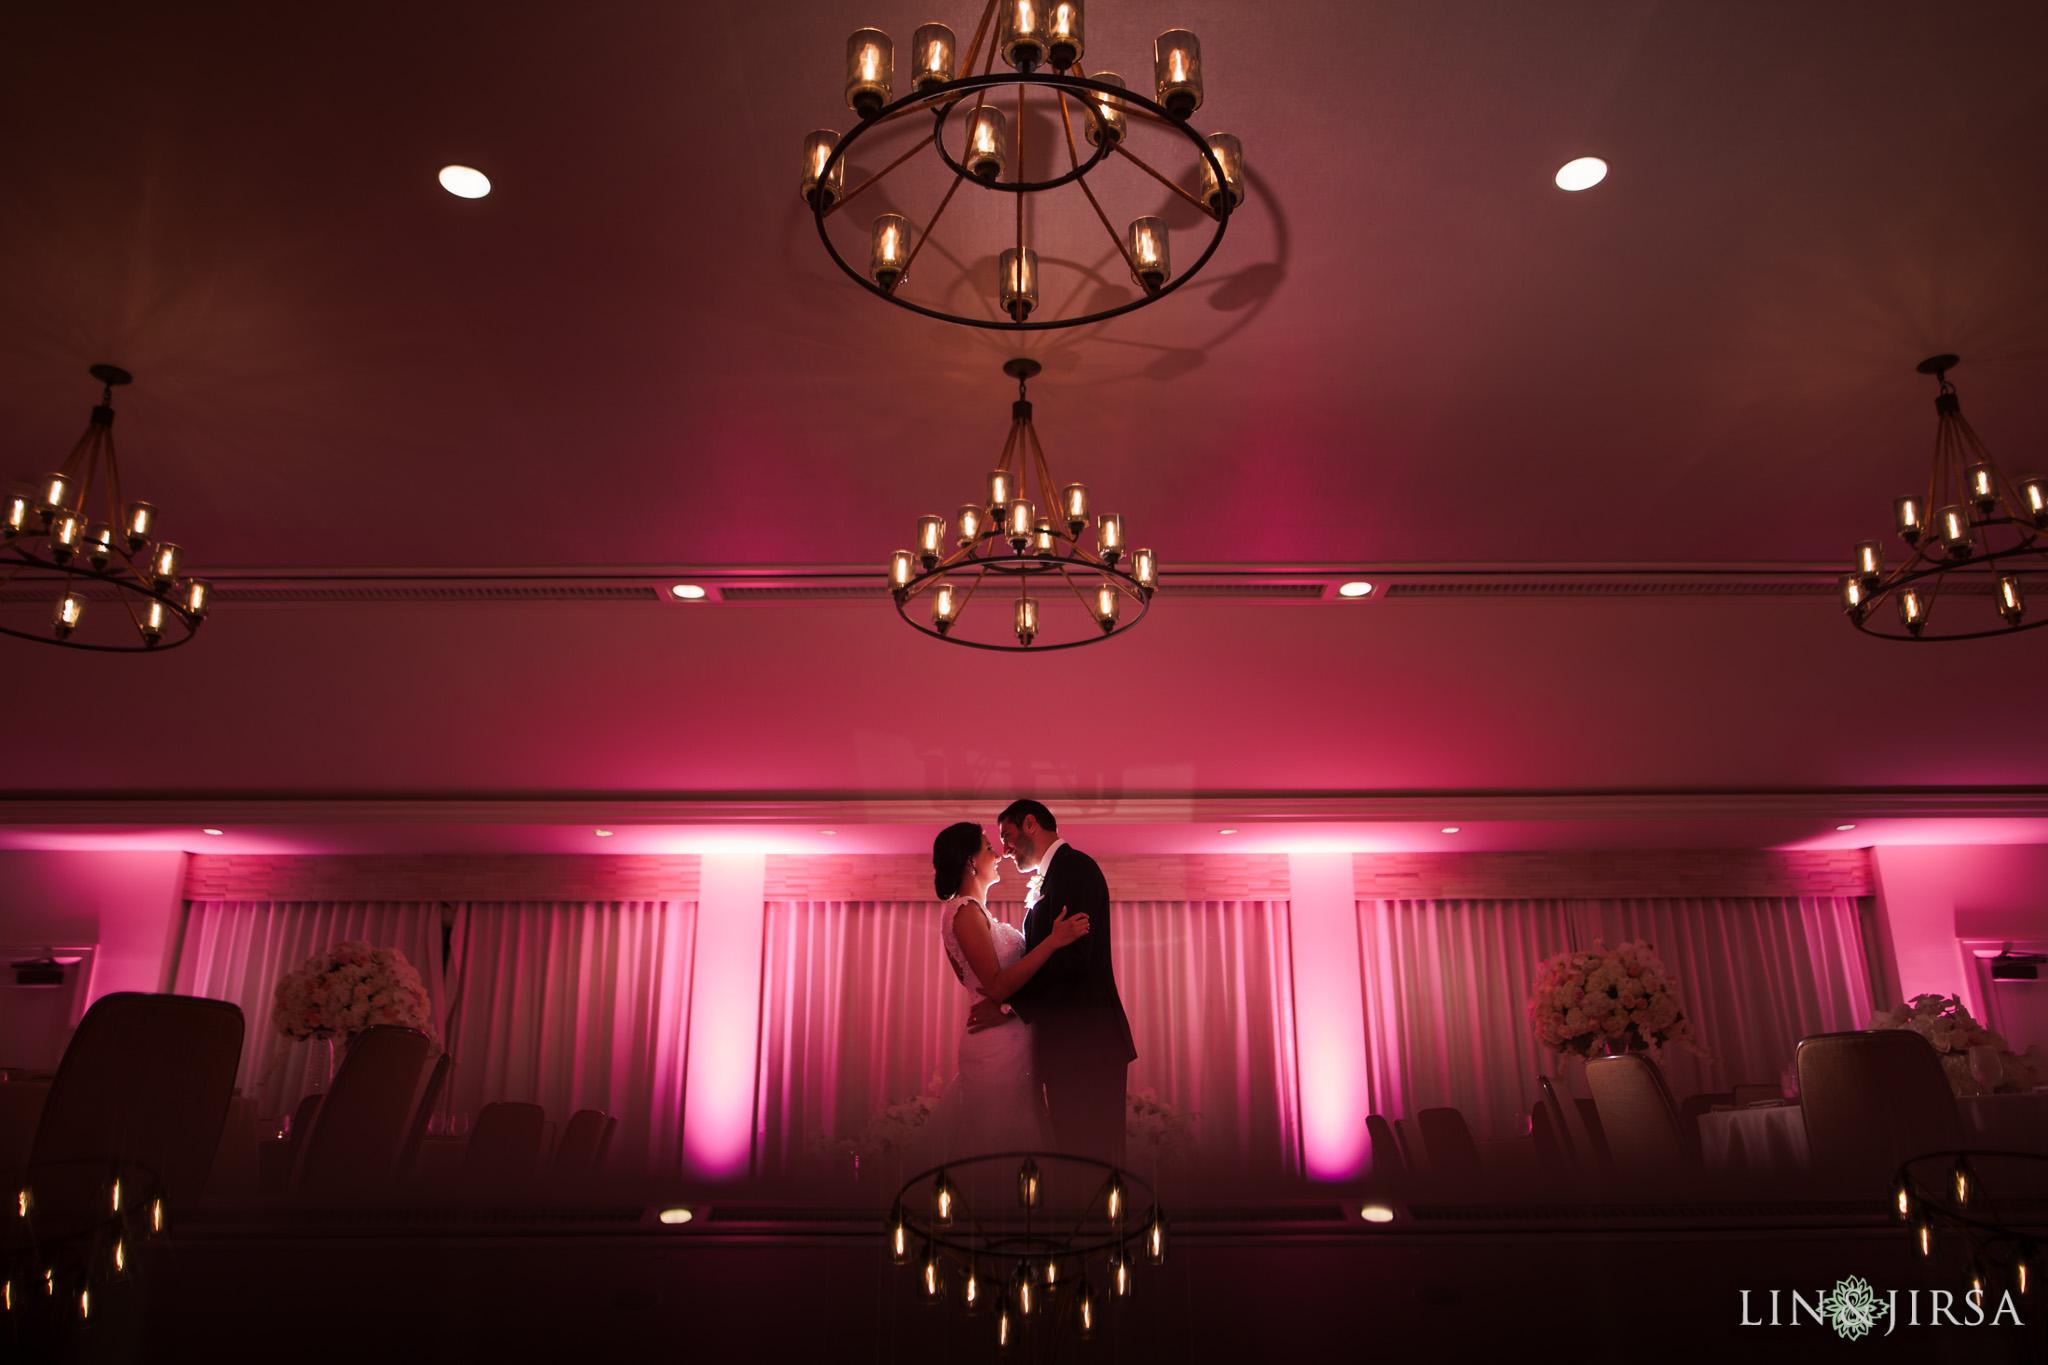 045 estancia la jolla hotel spa persian wedding reception photography